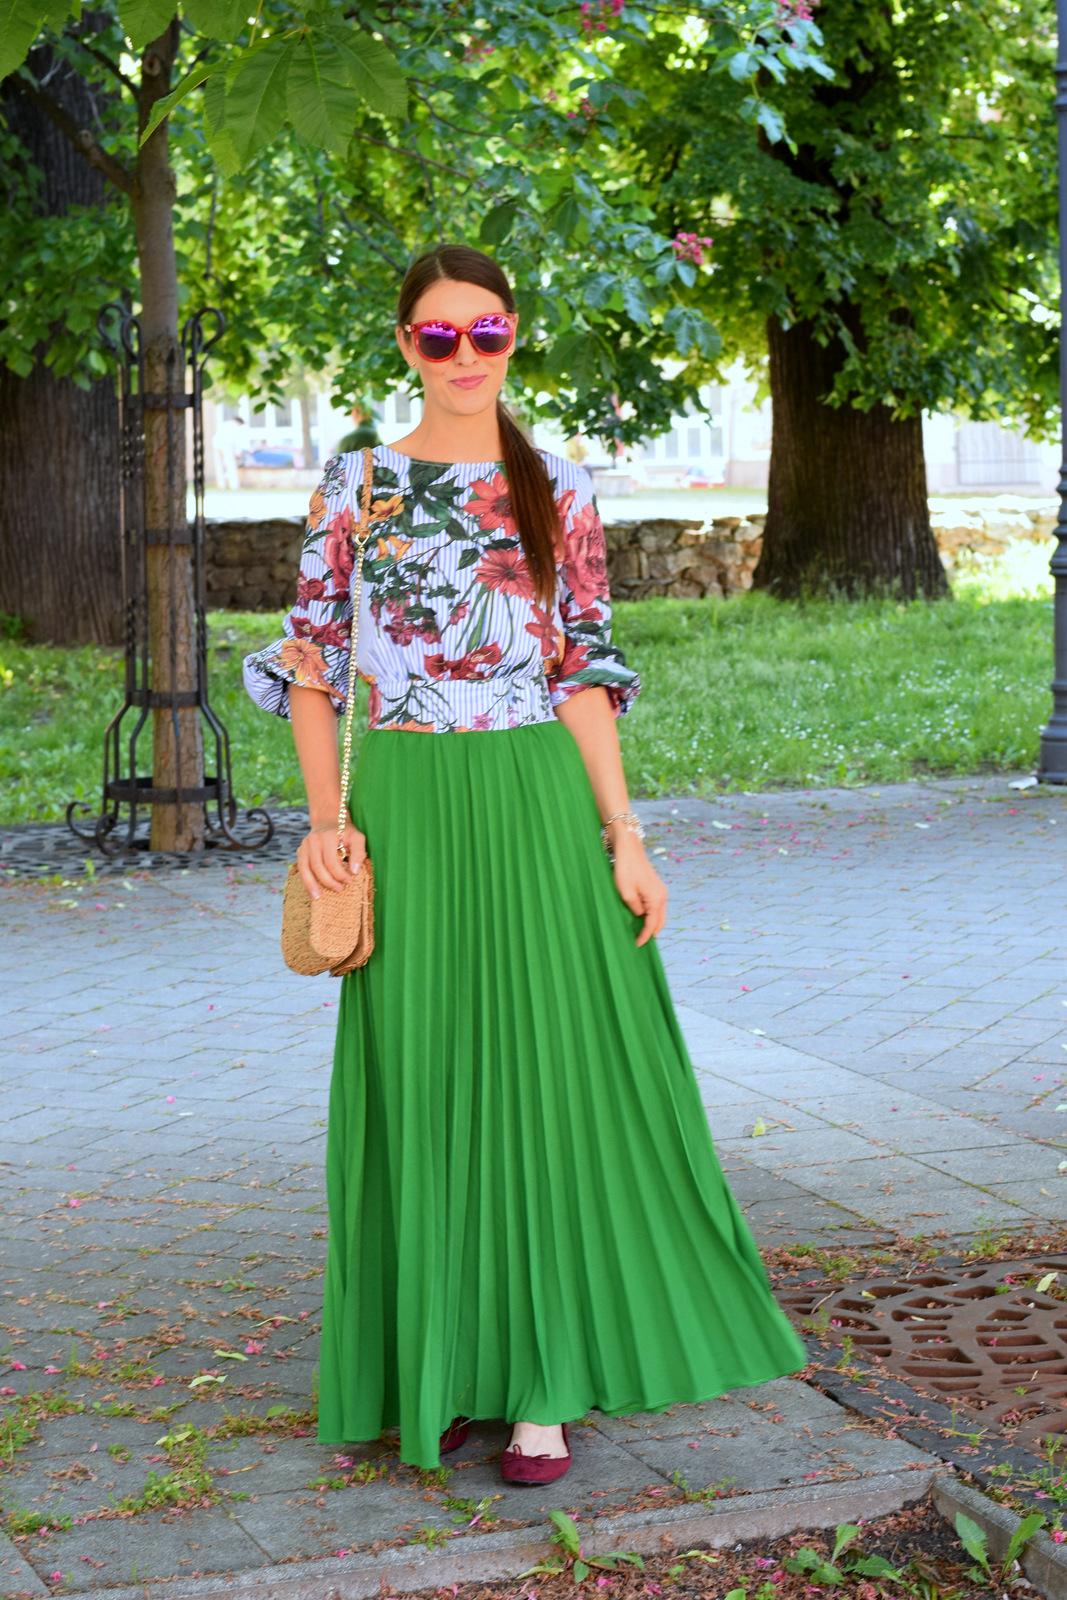 07f9527d9b Mademoiselle IVA by Ivana Klepáčová  zelená maxi sukňa s kvetovanou ...